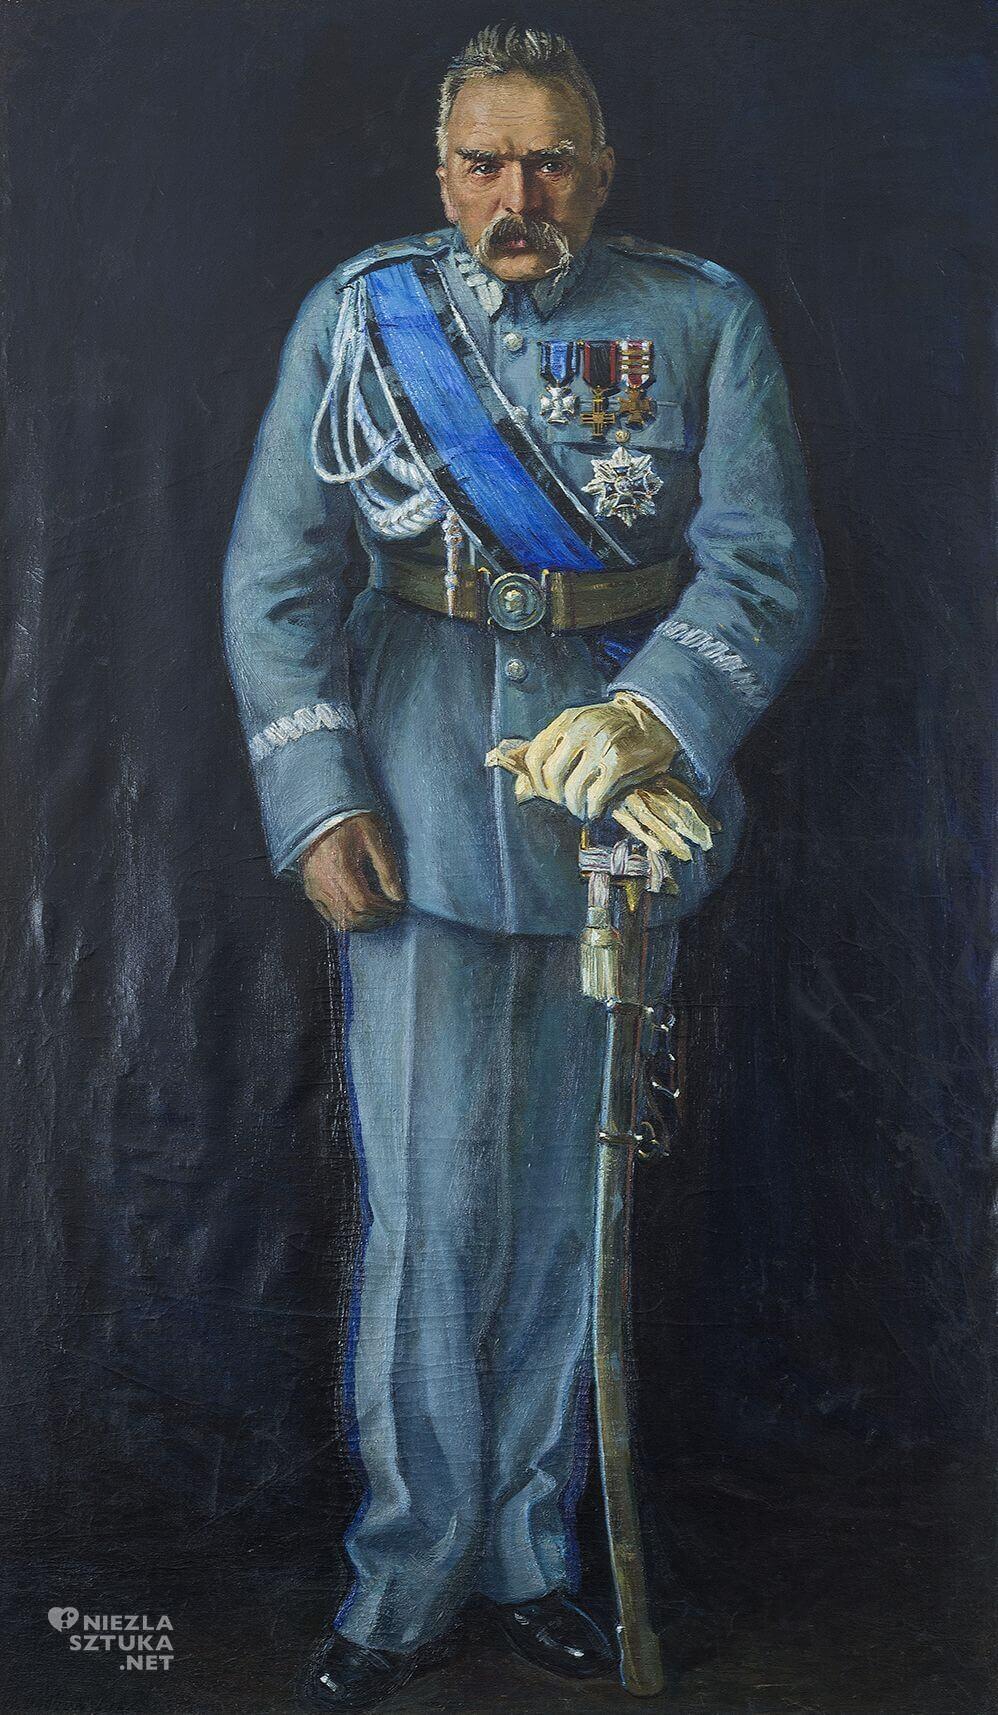 Wacław Dobrowolski, Portret Józefa Piłsudskiego, Niezła sztuka